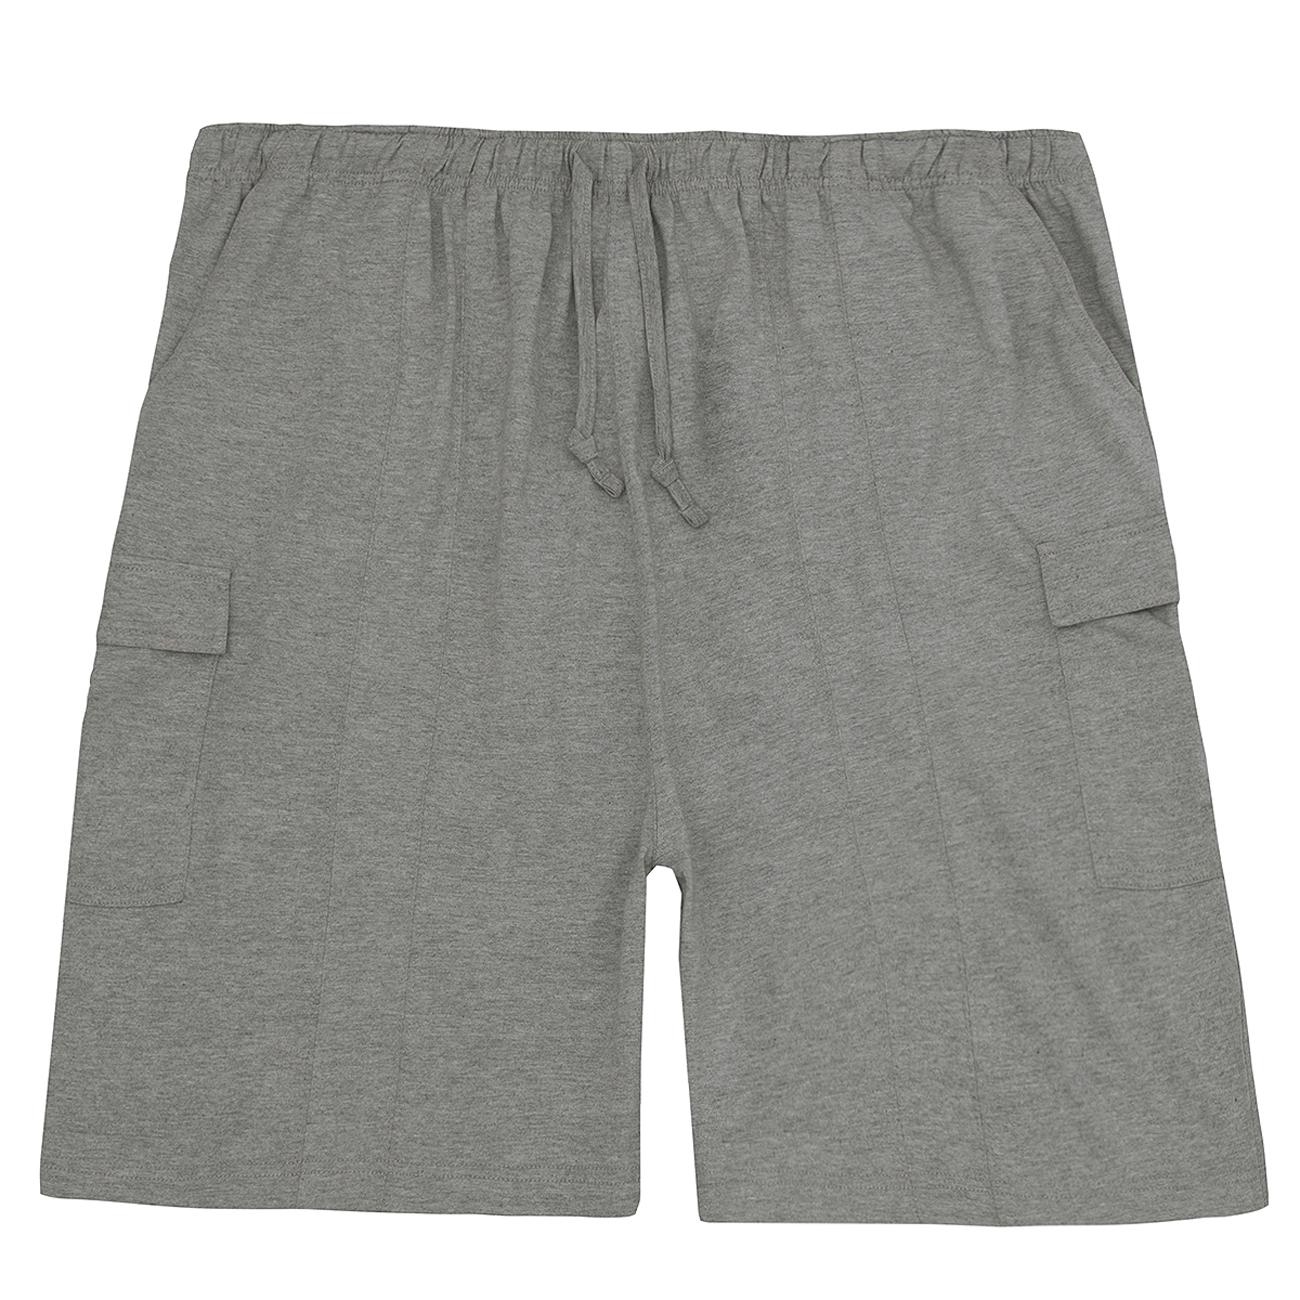 Pantaloncini da Uomo Cargo in jersey morbido elastico in vita con tasca Grosso Alto Taglie 3XL-5XL